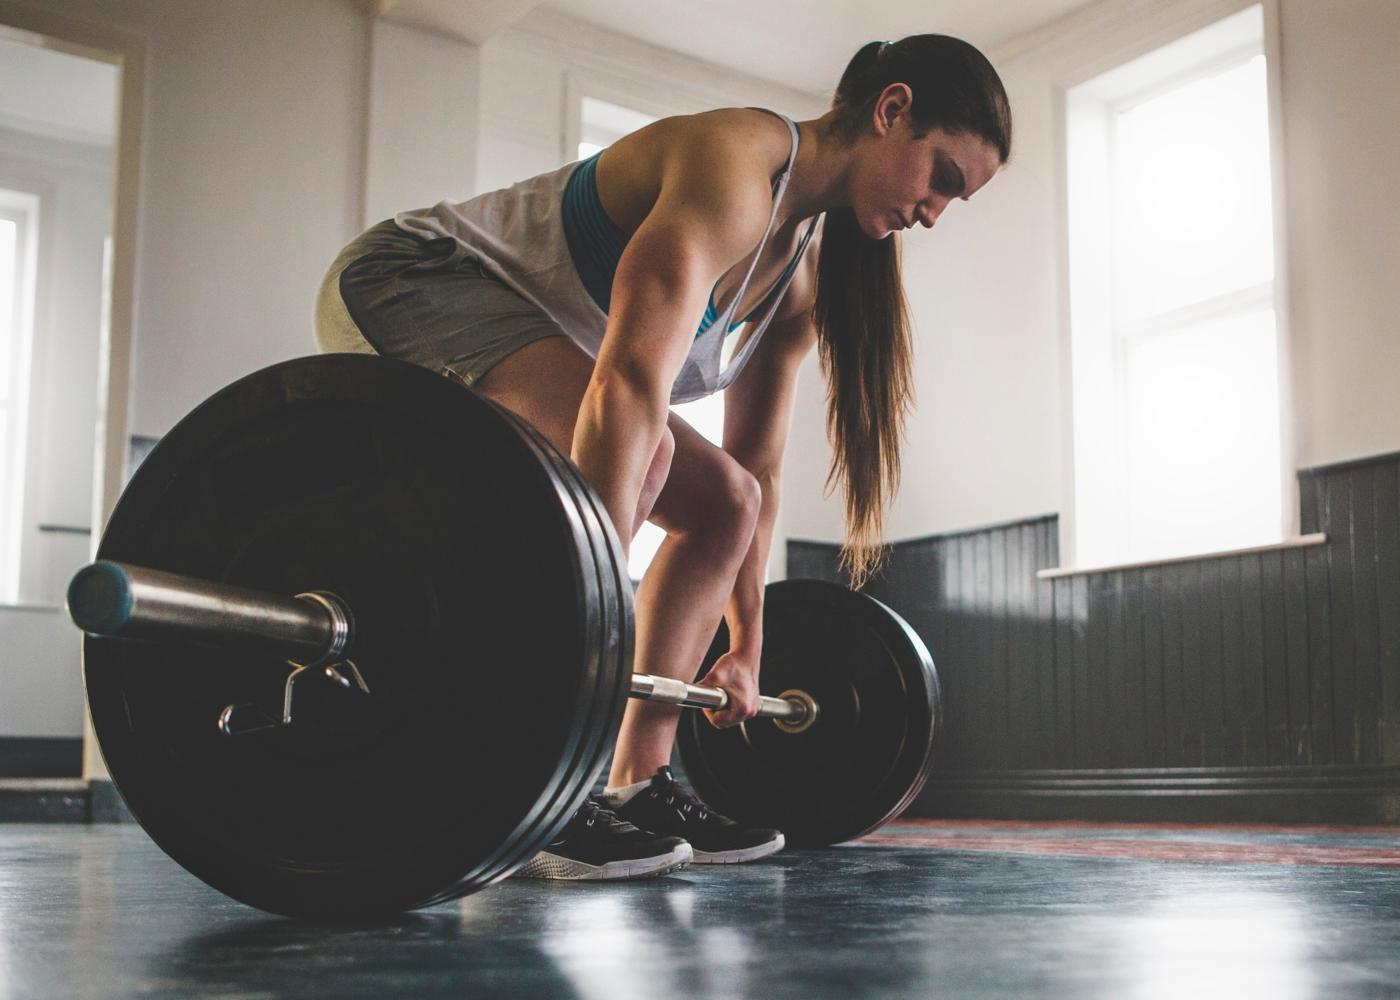 jovem atleta a pegar em pesos